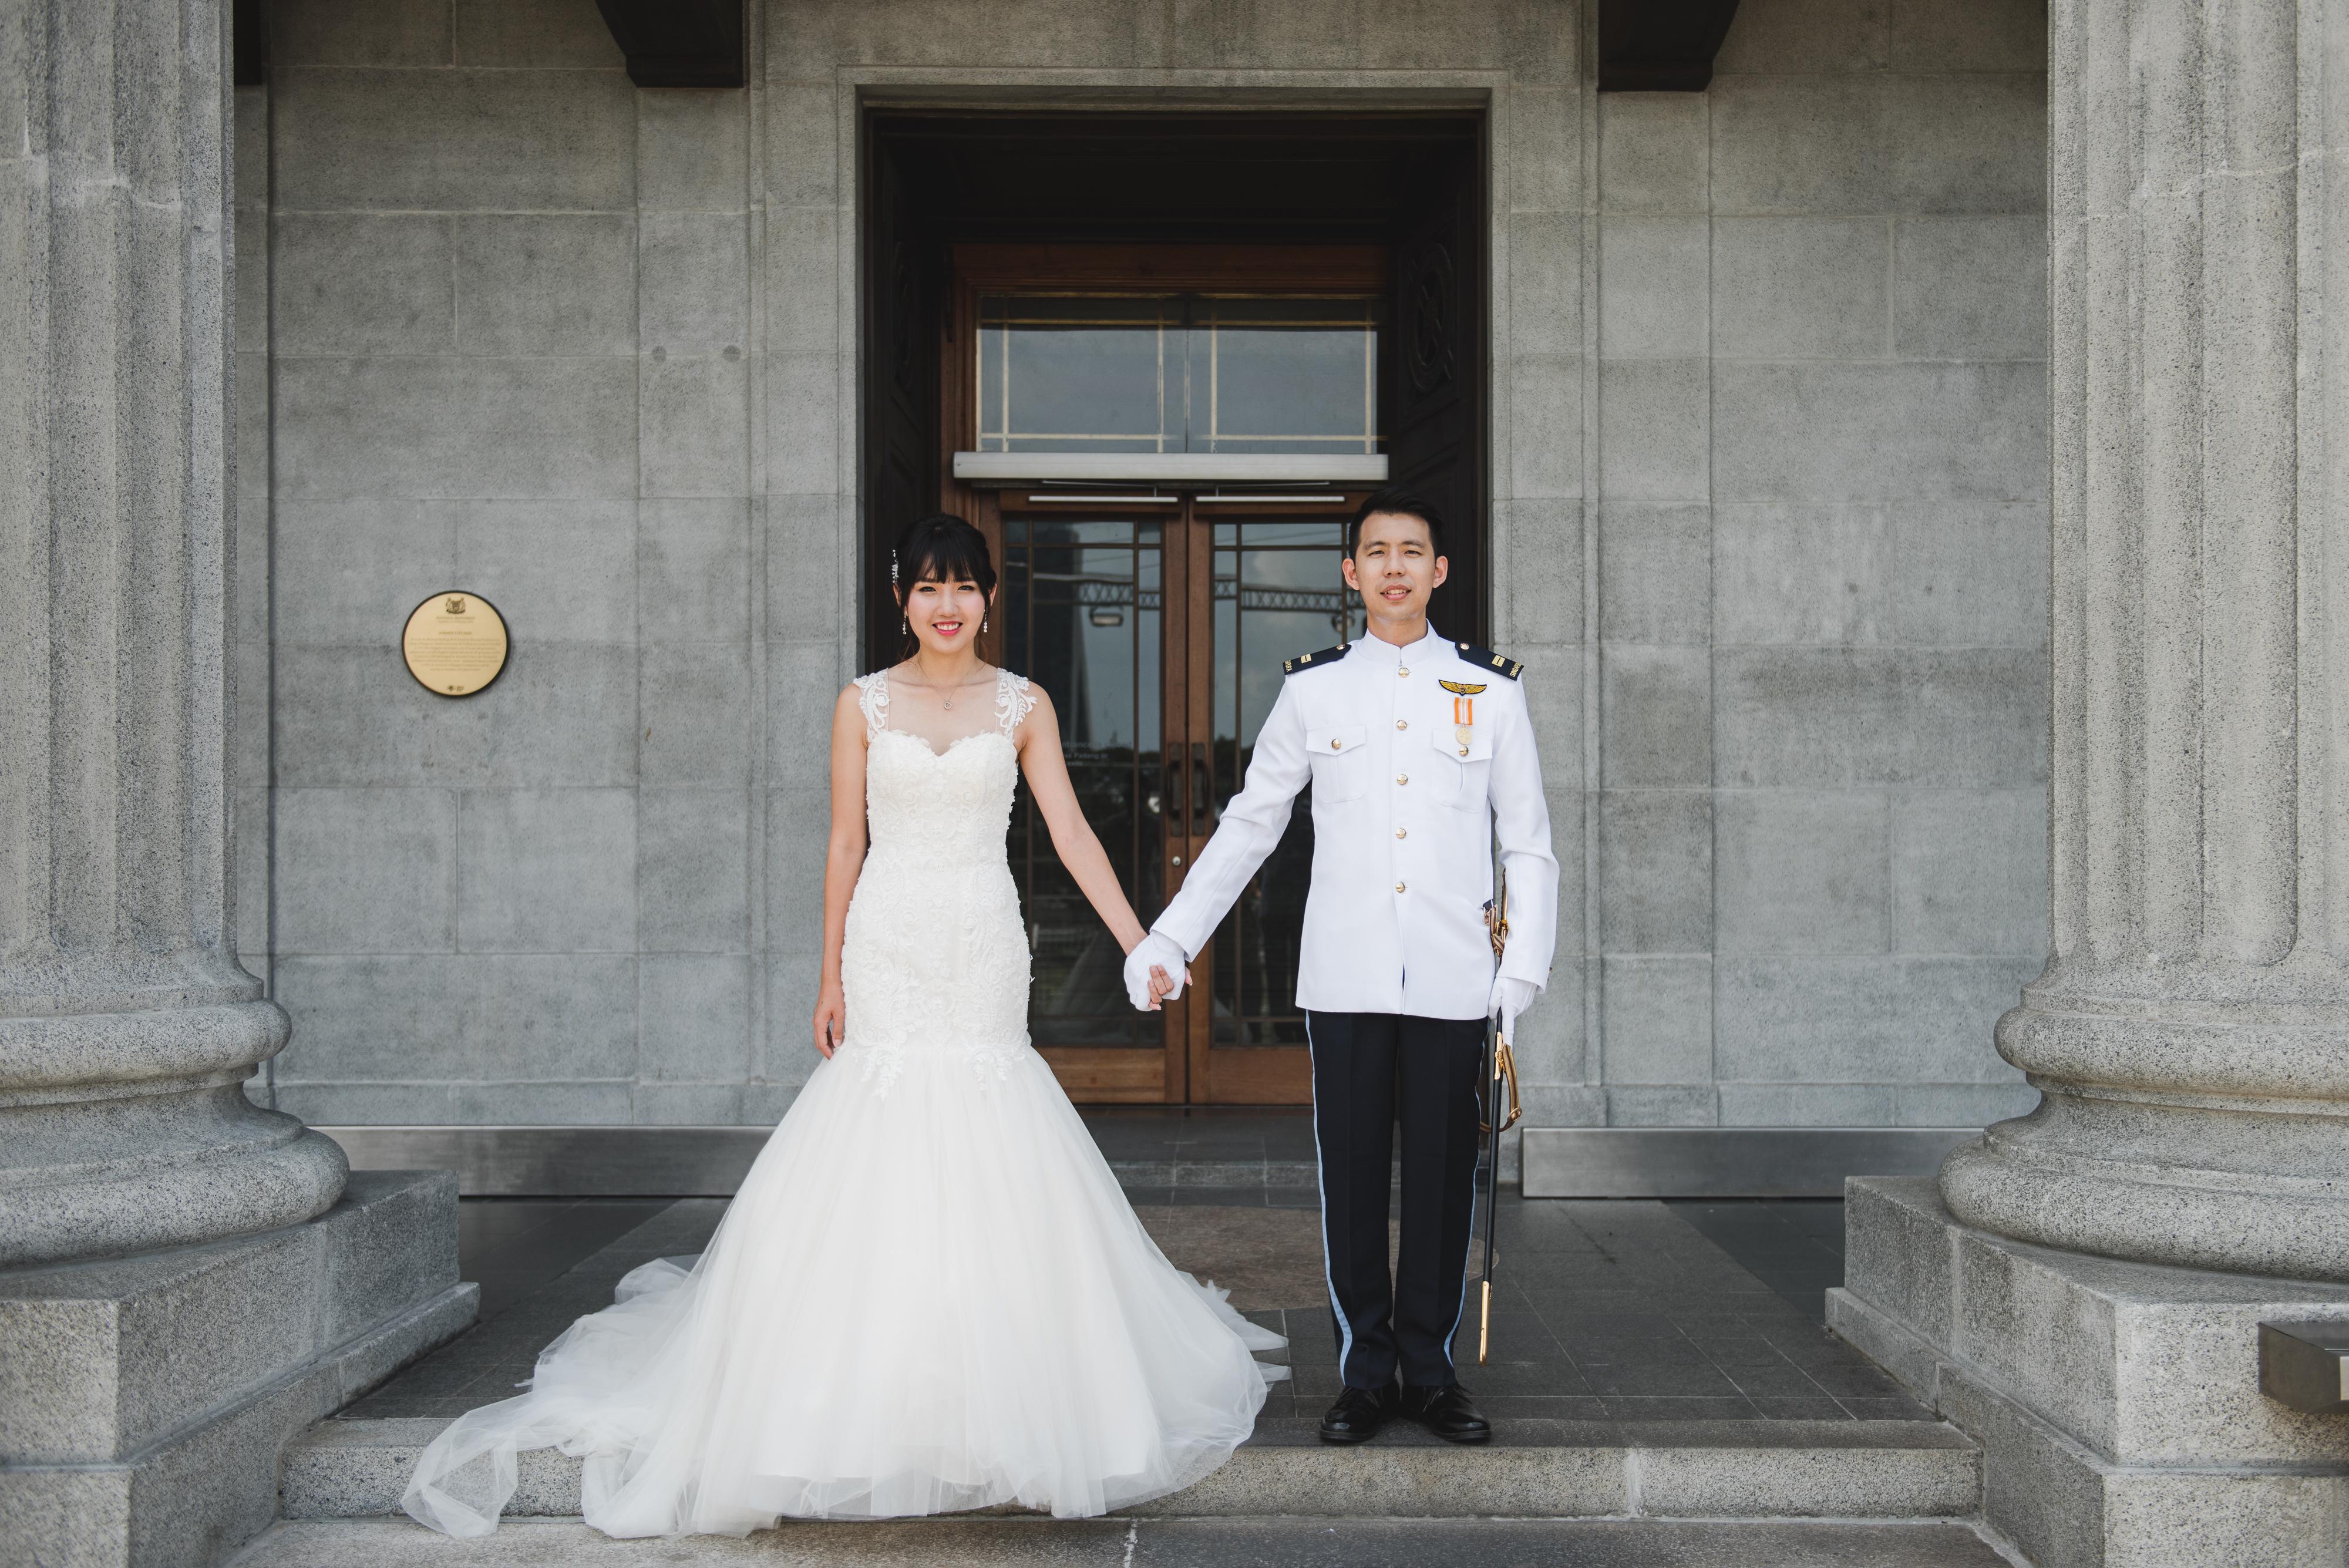 Zhi Sheng & Alina - PW-2